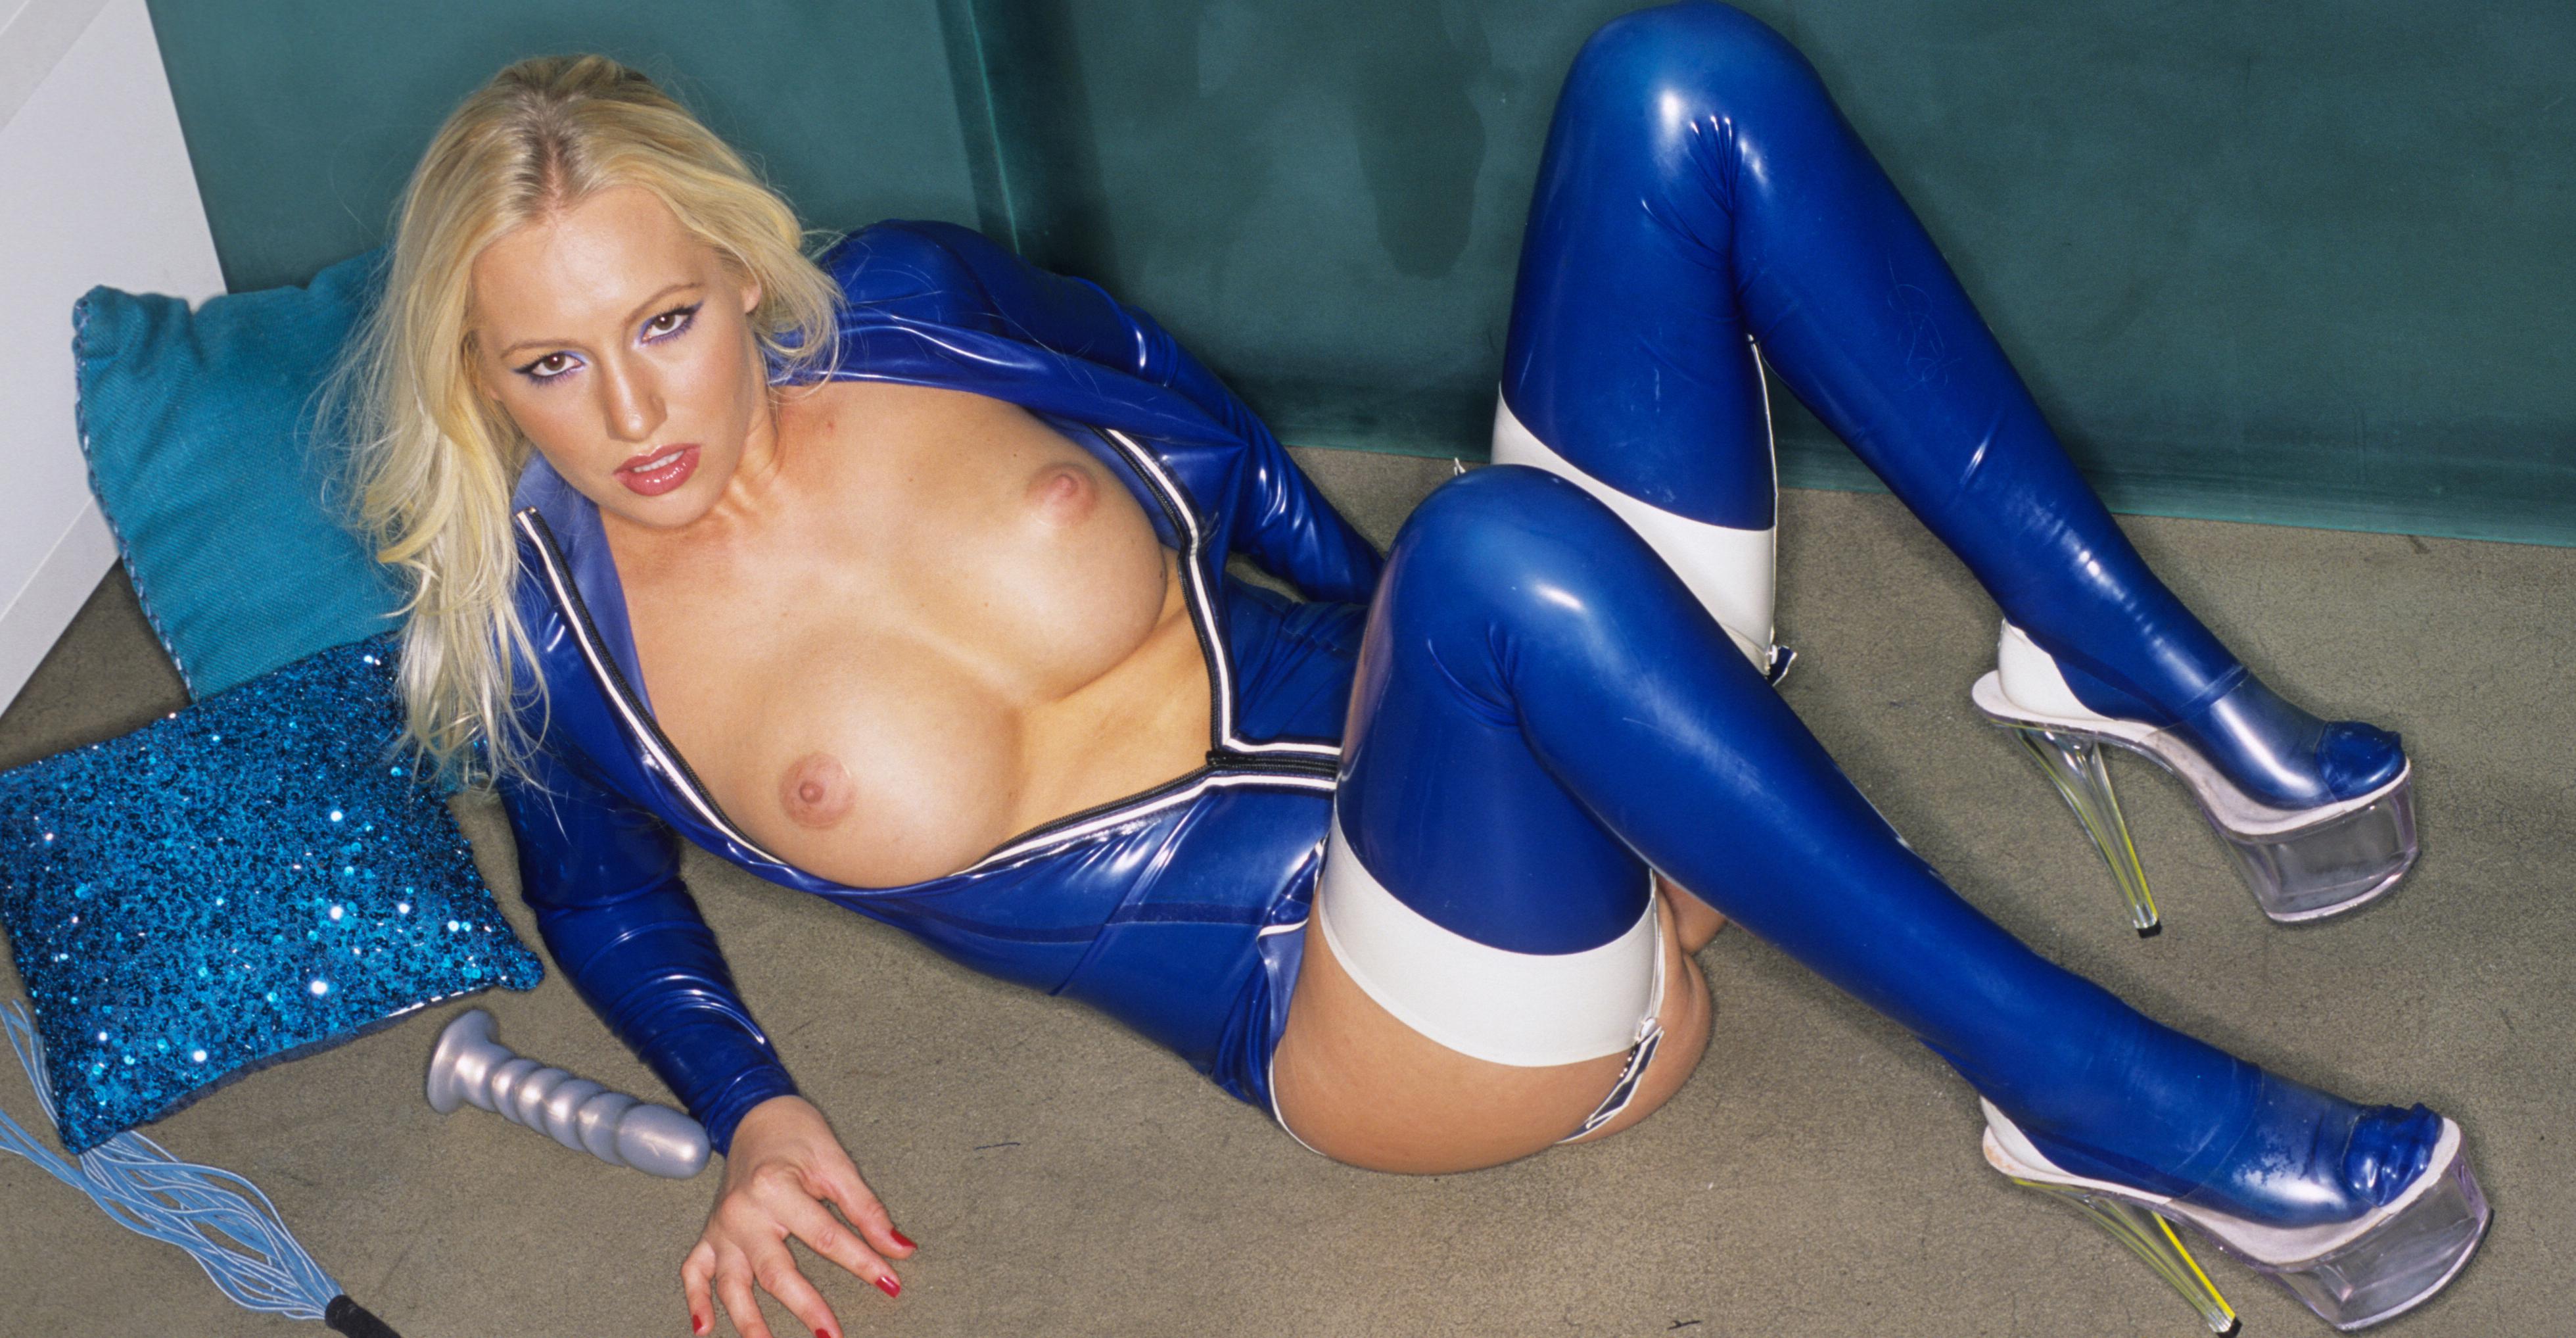 In Shimmering Blue